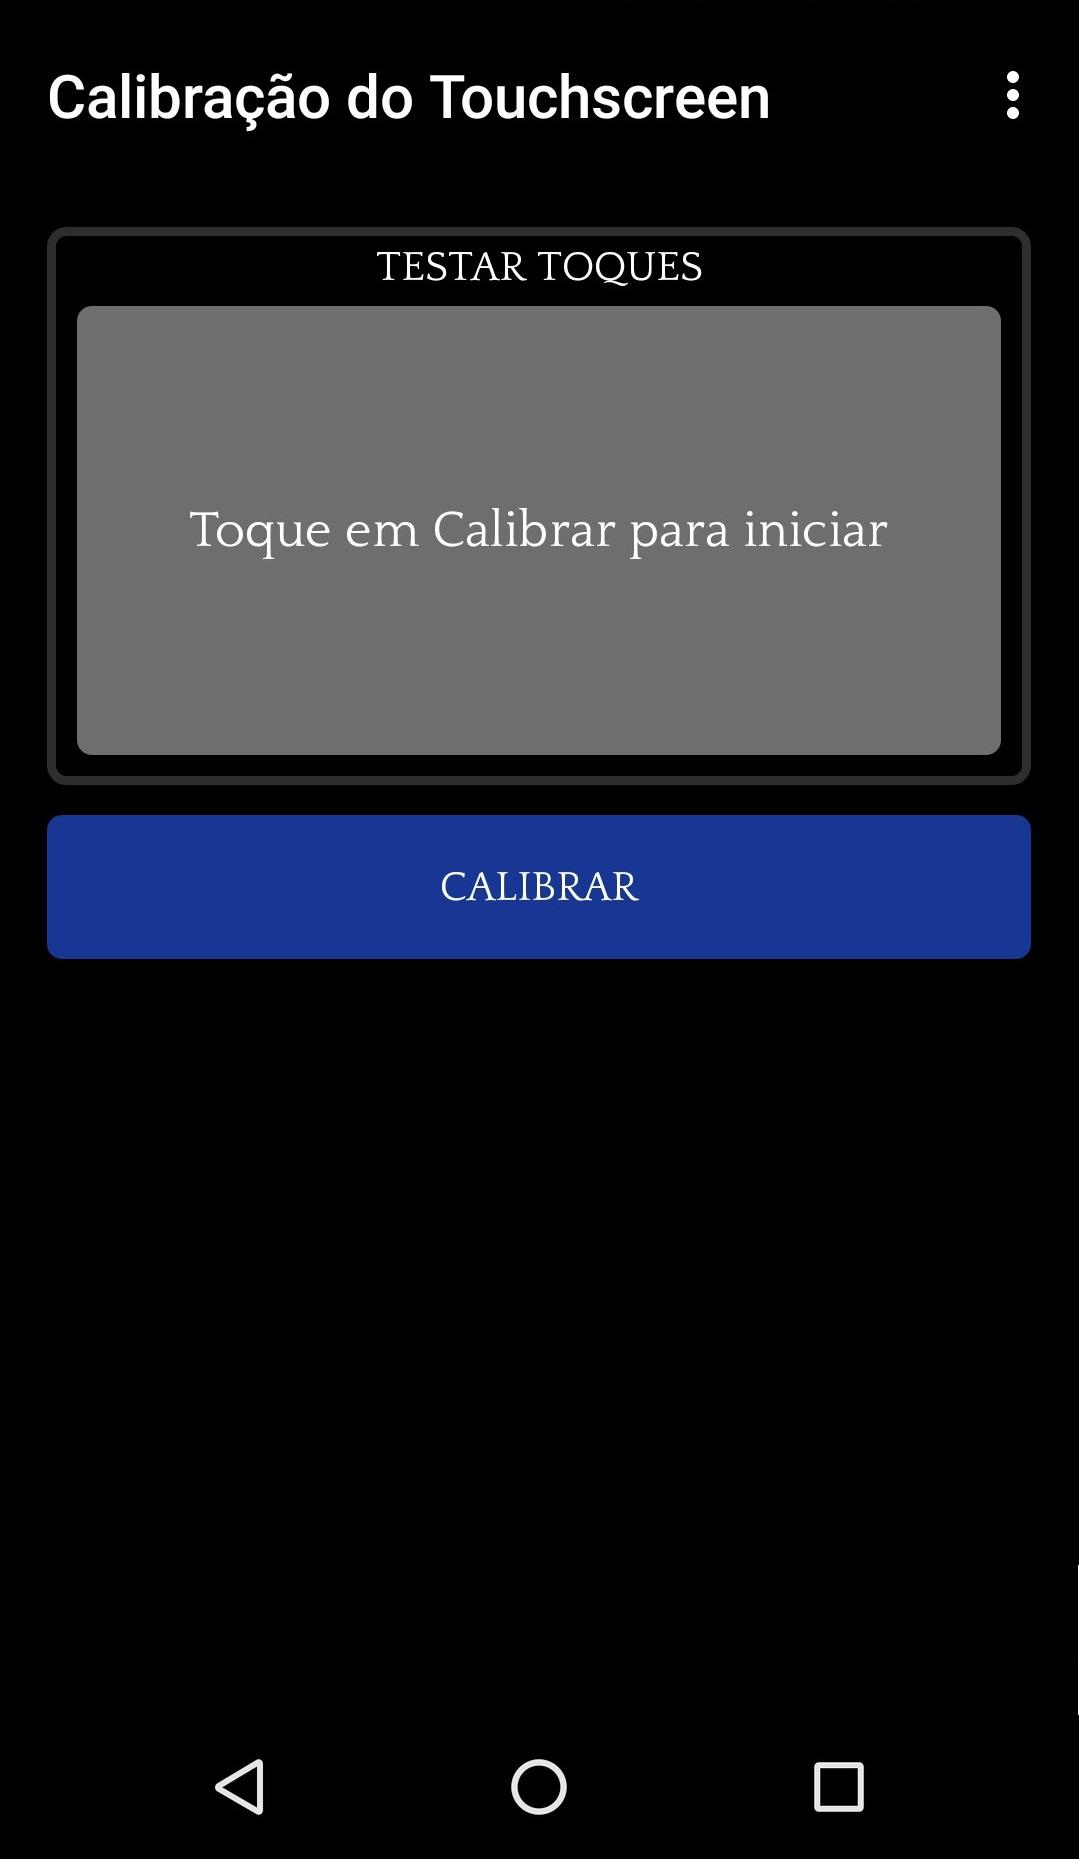 imagem 3 de Como calibrar a tela touchscreen do Android